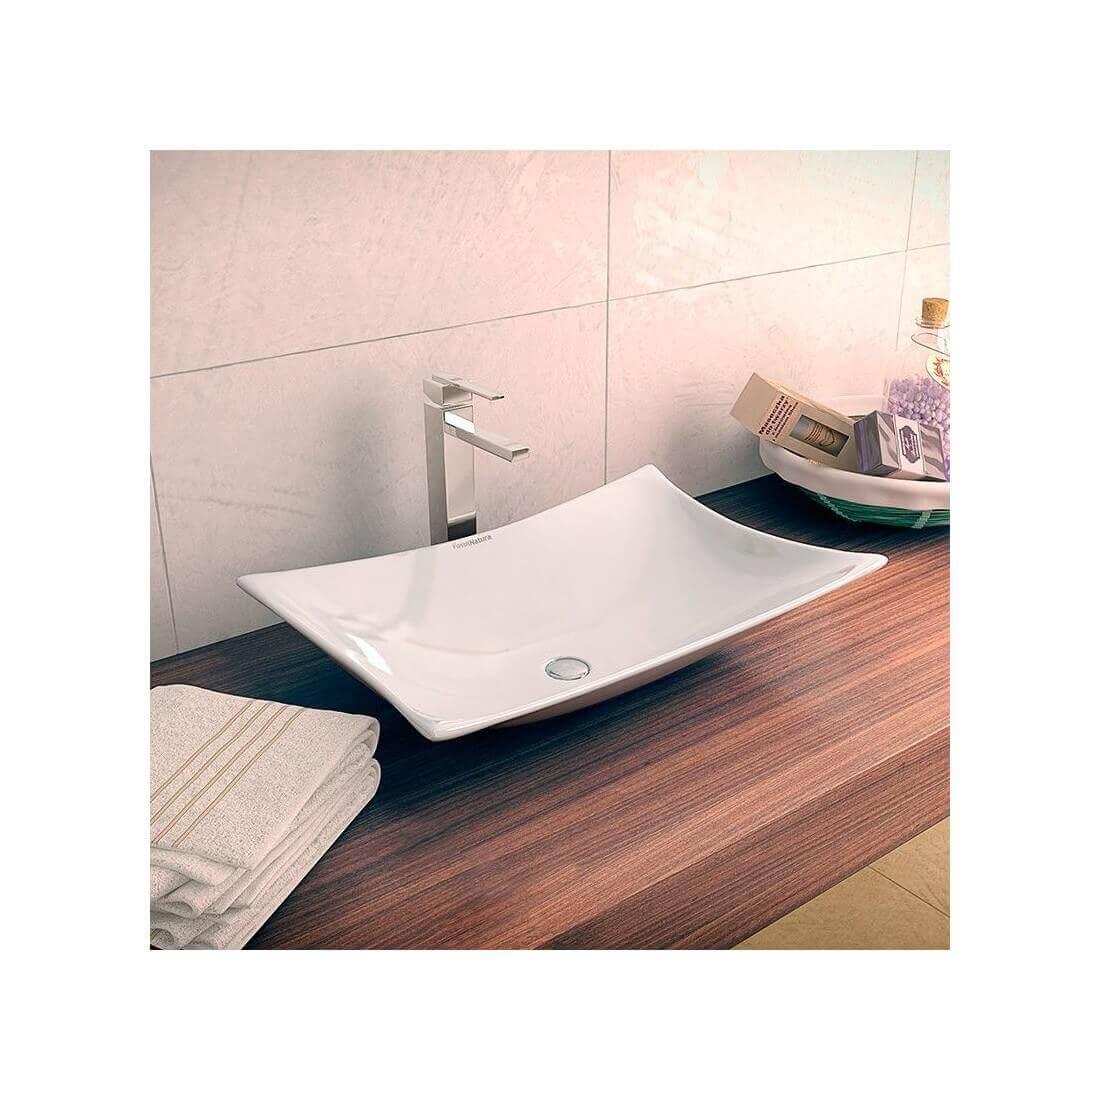 Encimeras de lavabo mueble a medida con lavabo sobre for Mueble lavabo sobre encimera